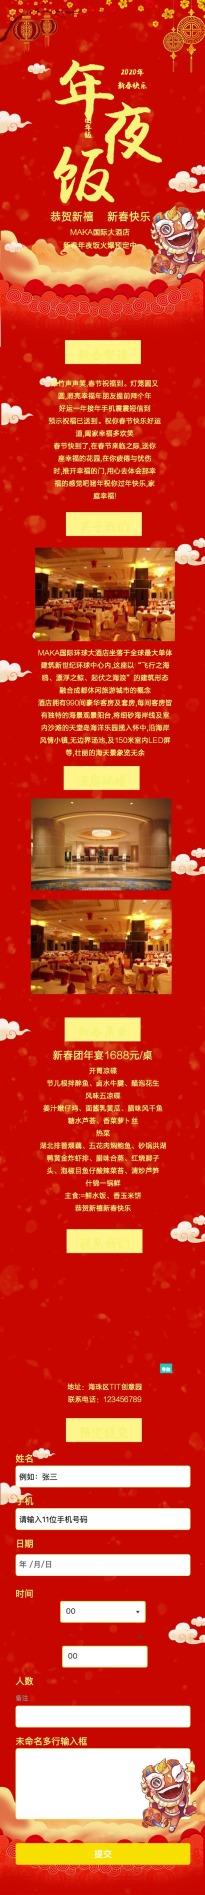 中国风古风餐饮酒店春节年夜饭预定介绍推广单页